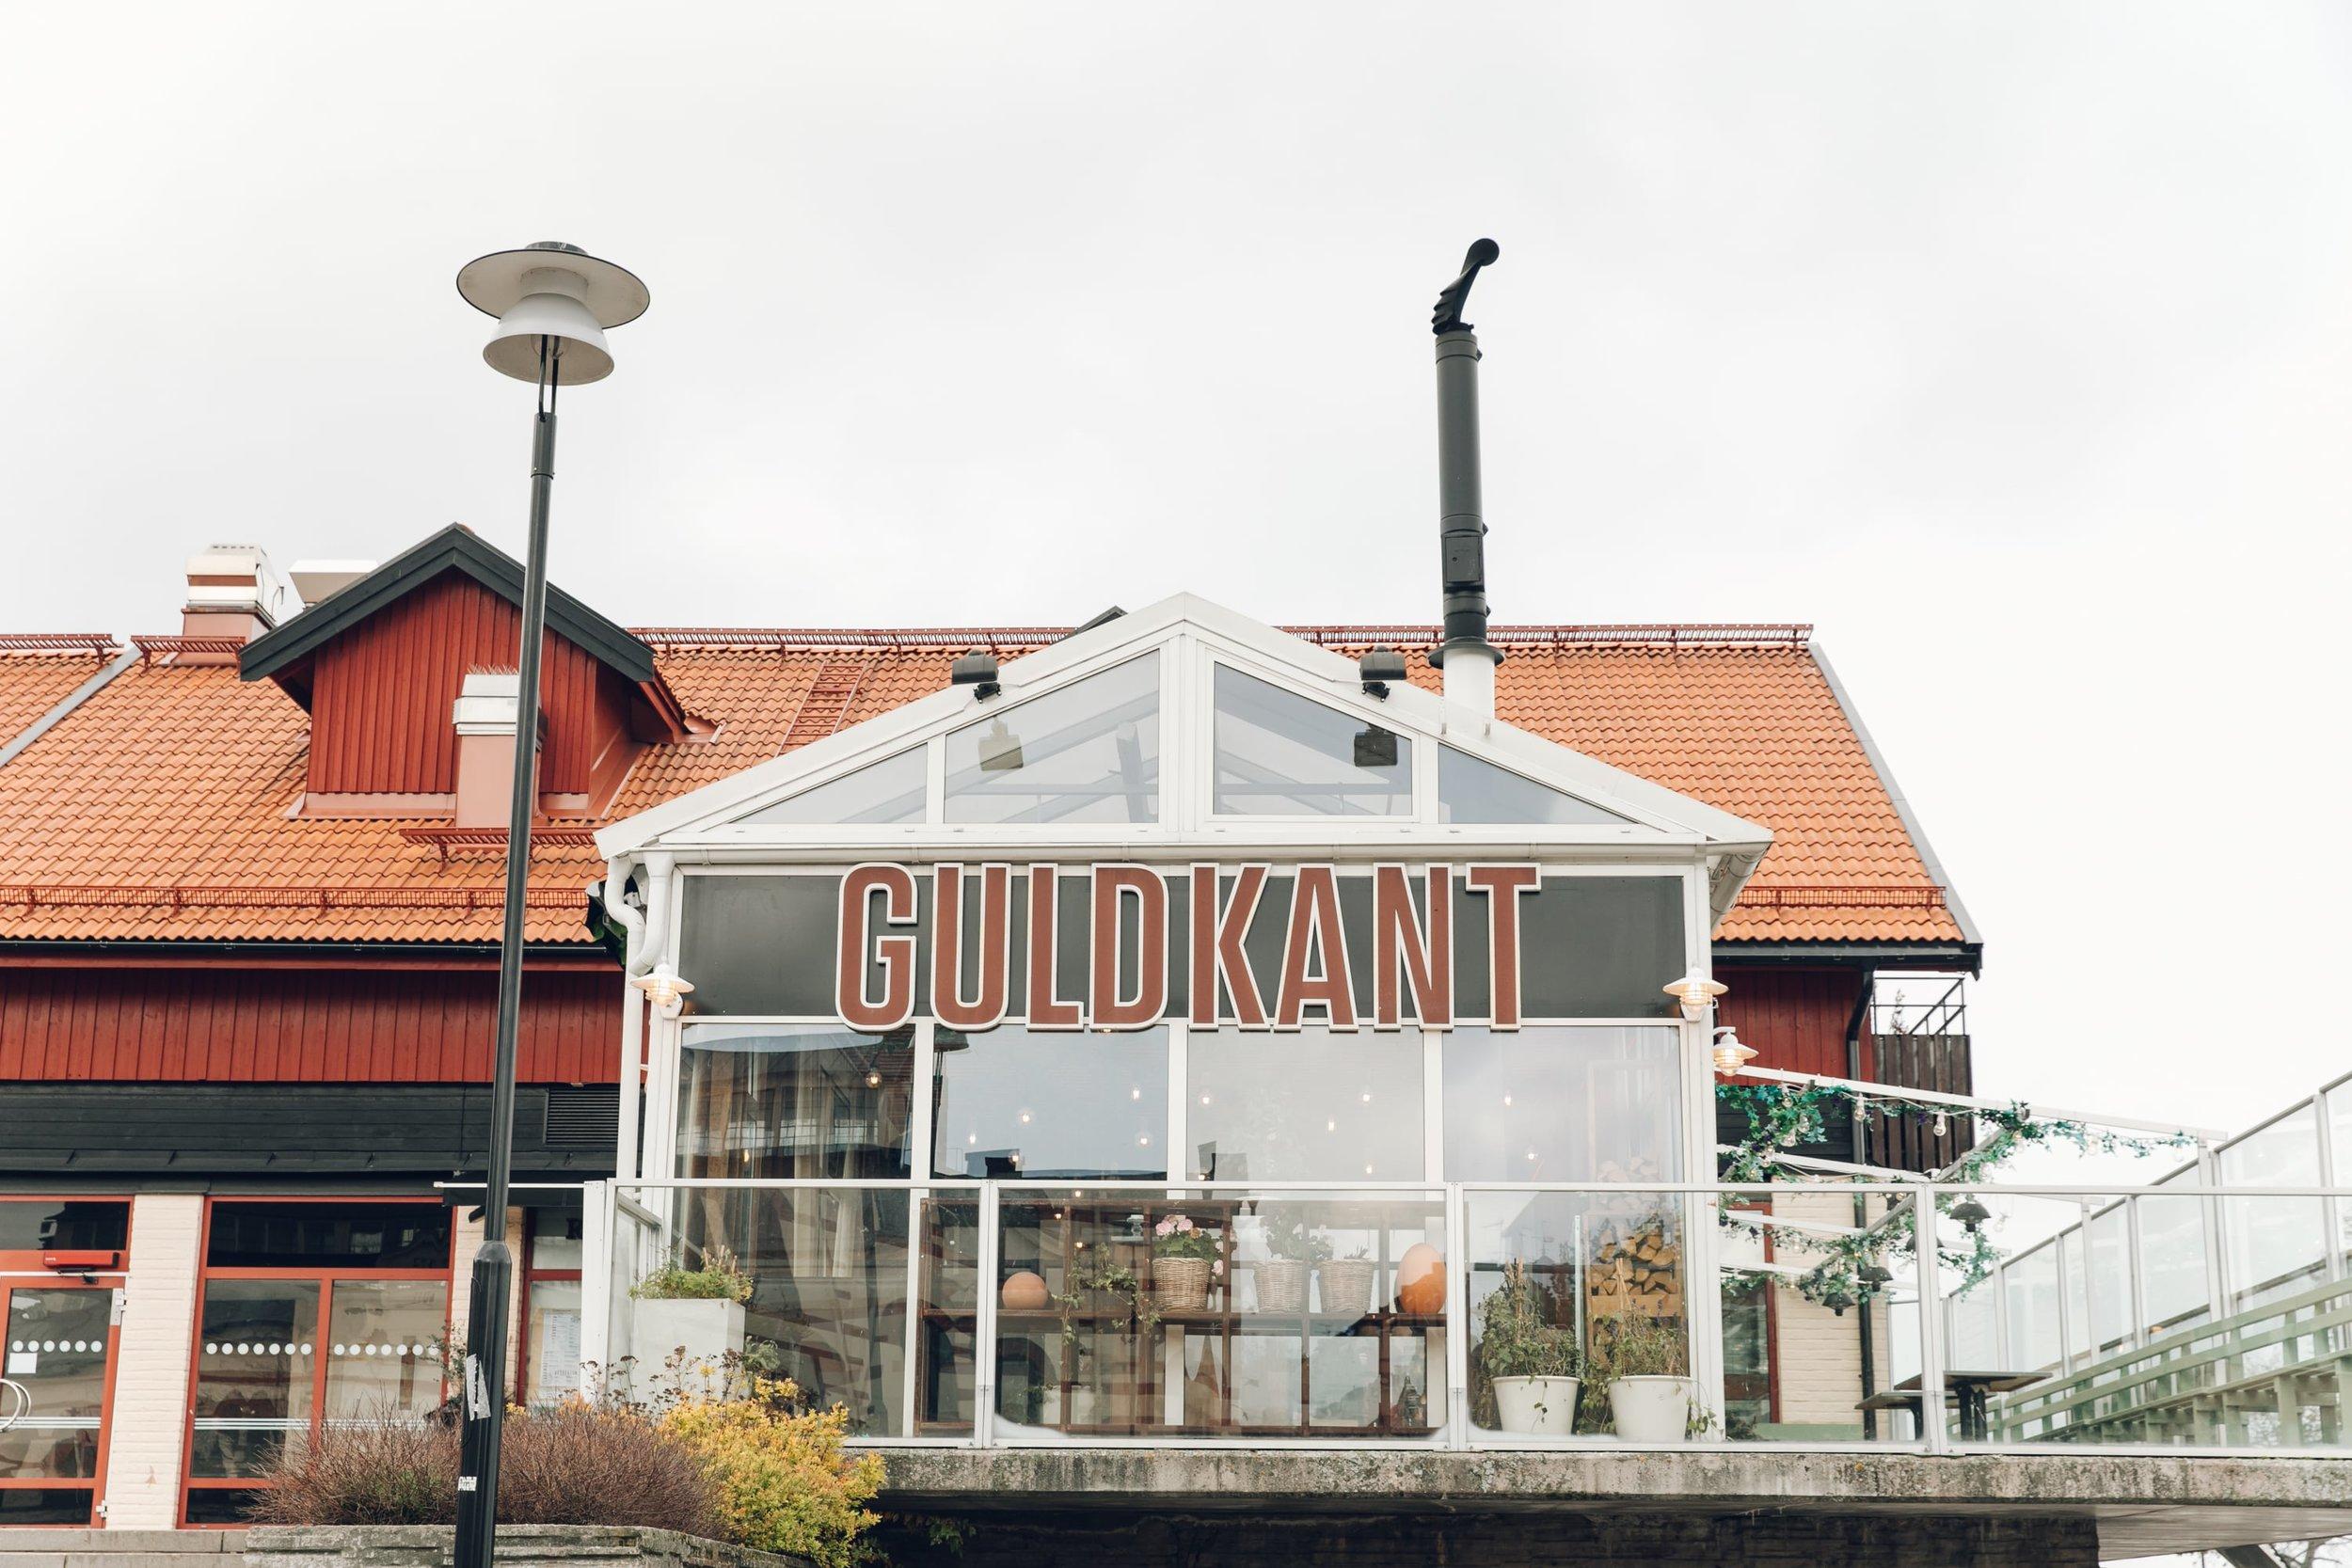 Guldkant in Västervik, Sweden by Haarkon